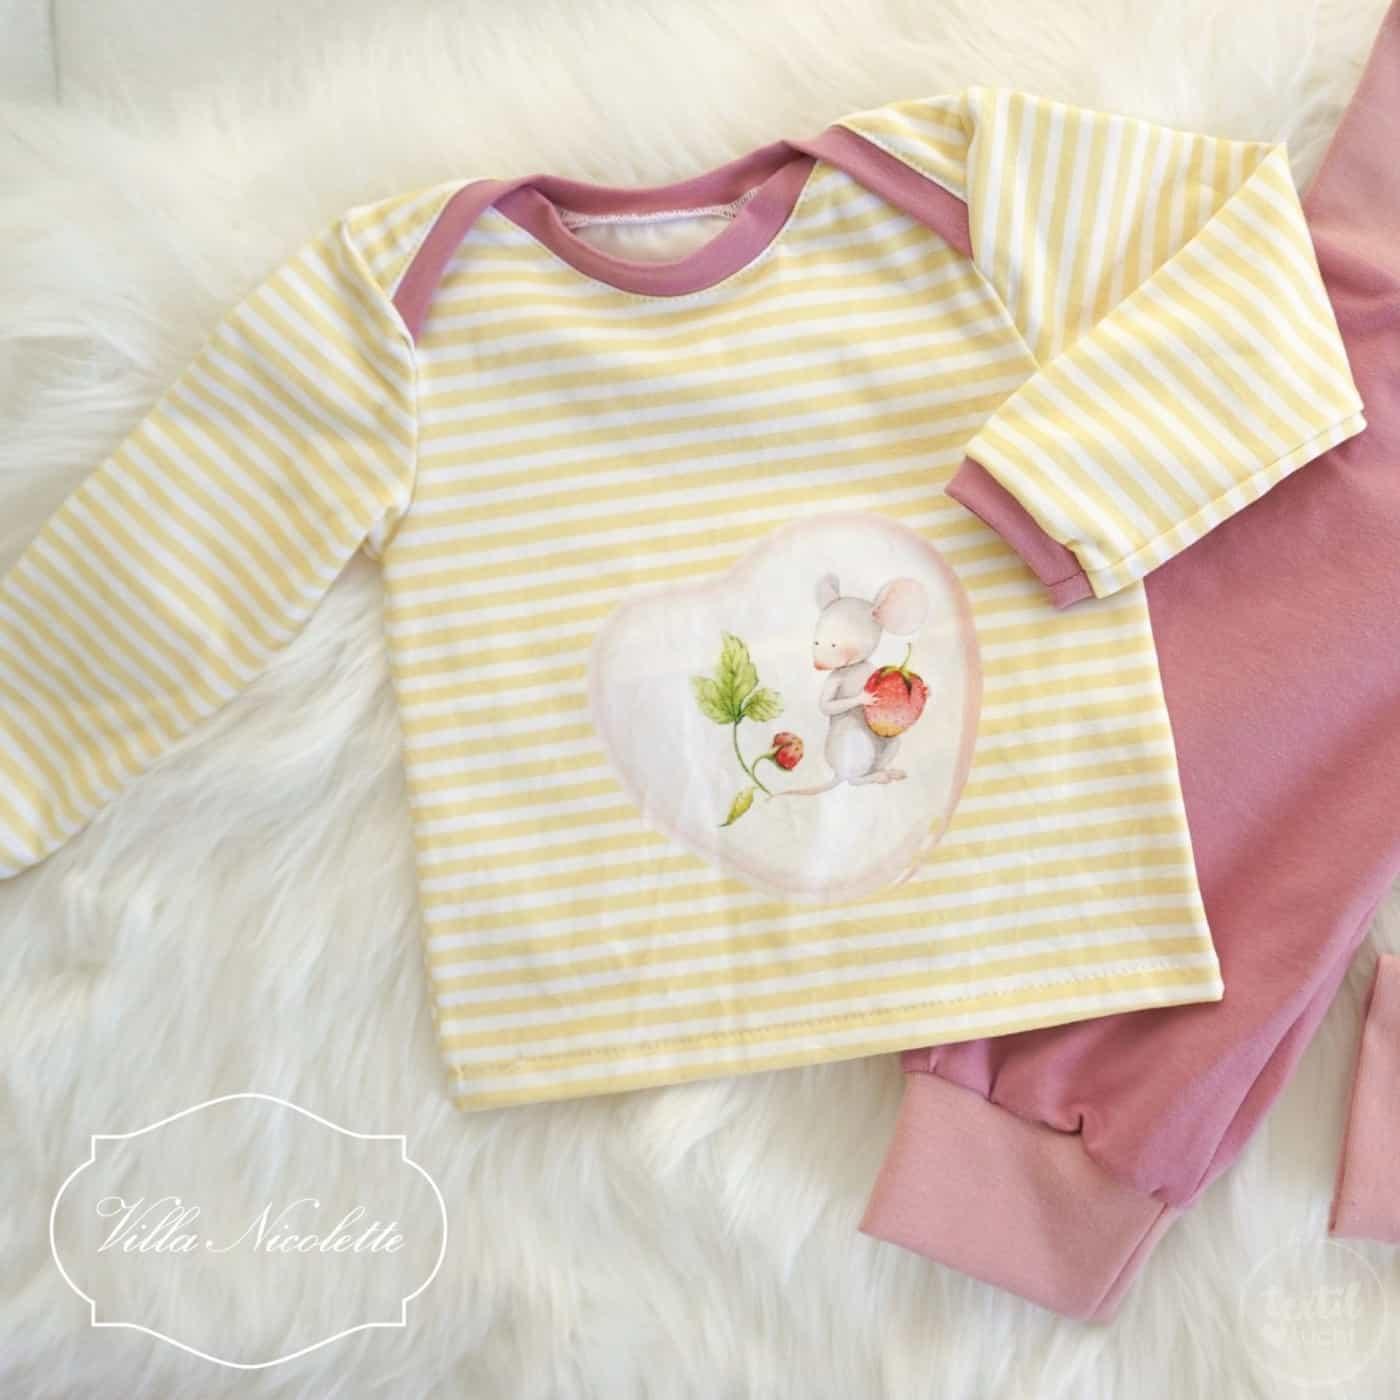 Schnittmuster baby shirt kostenlos downloaden